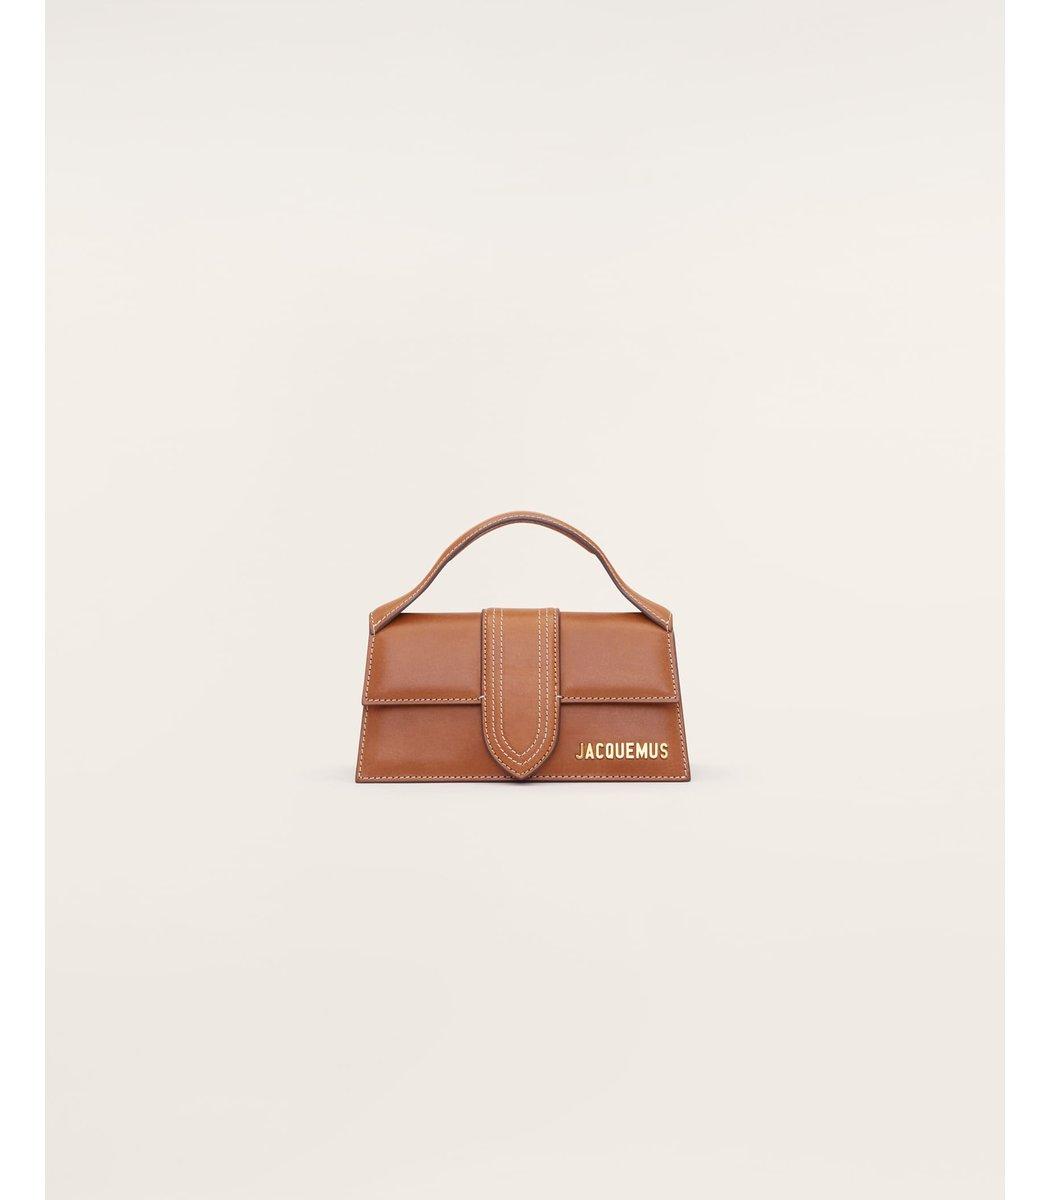 Jacquemus Le Bambino Handbag - Brown